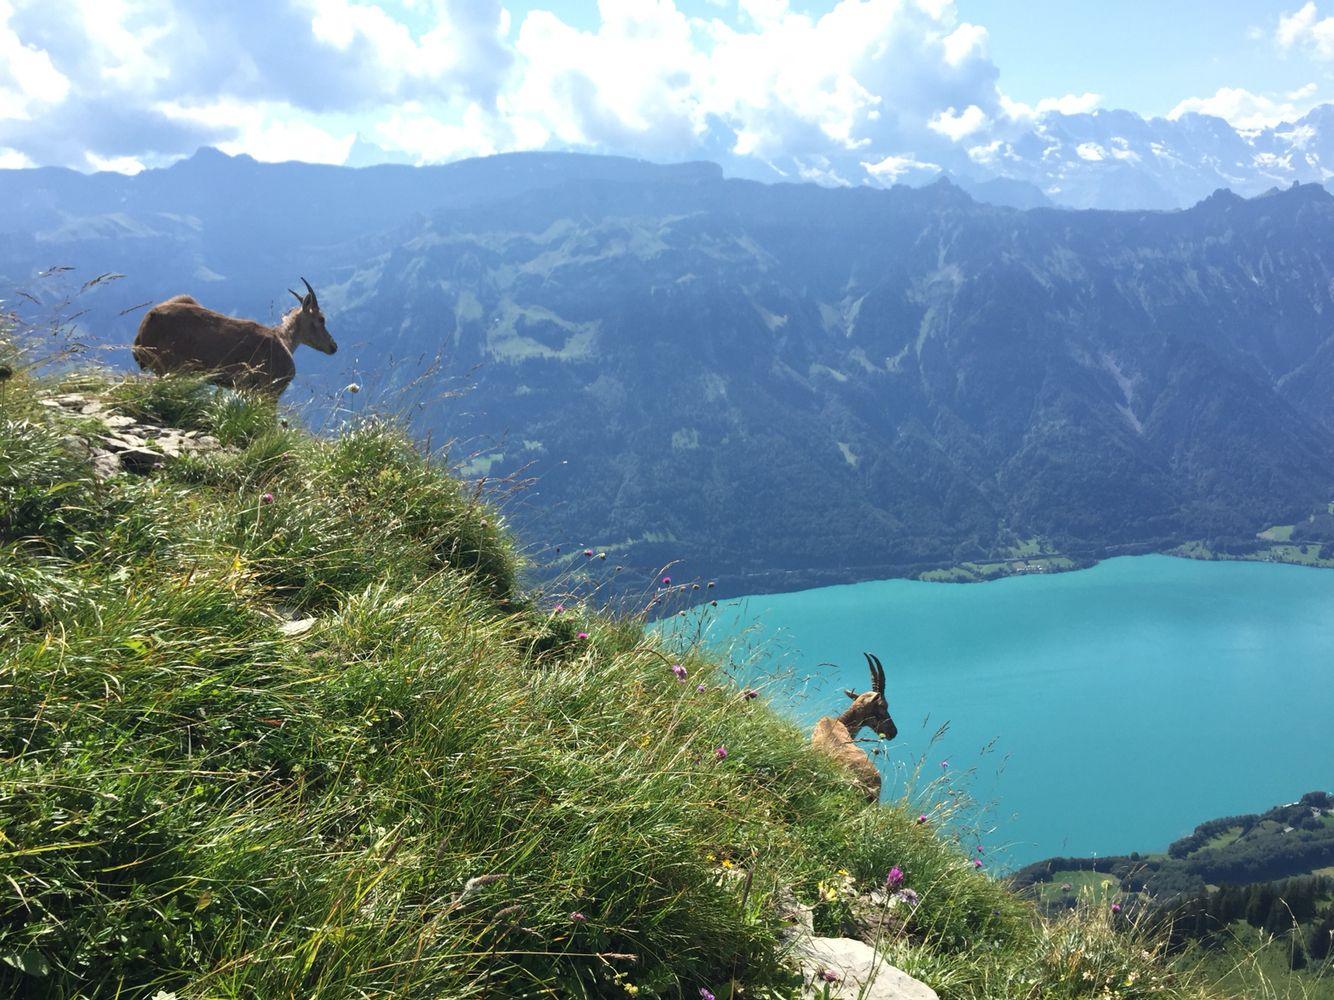 #Switzerland #Brienzersee #Augstmatthorn #hiking #home